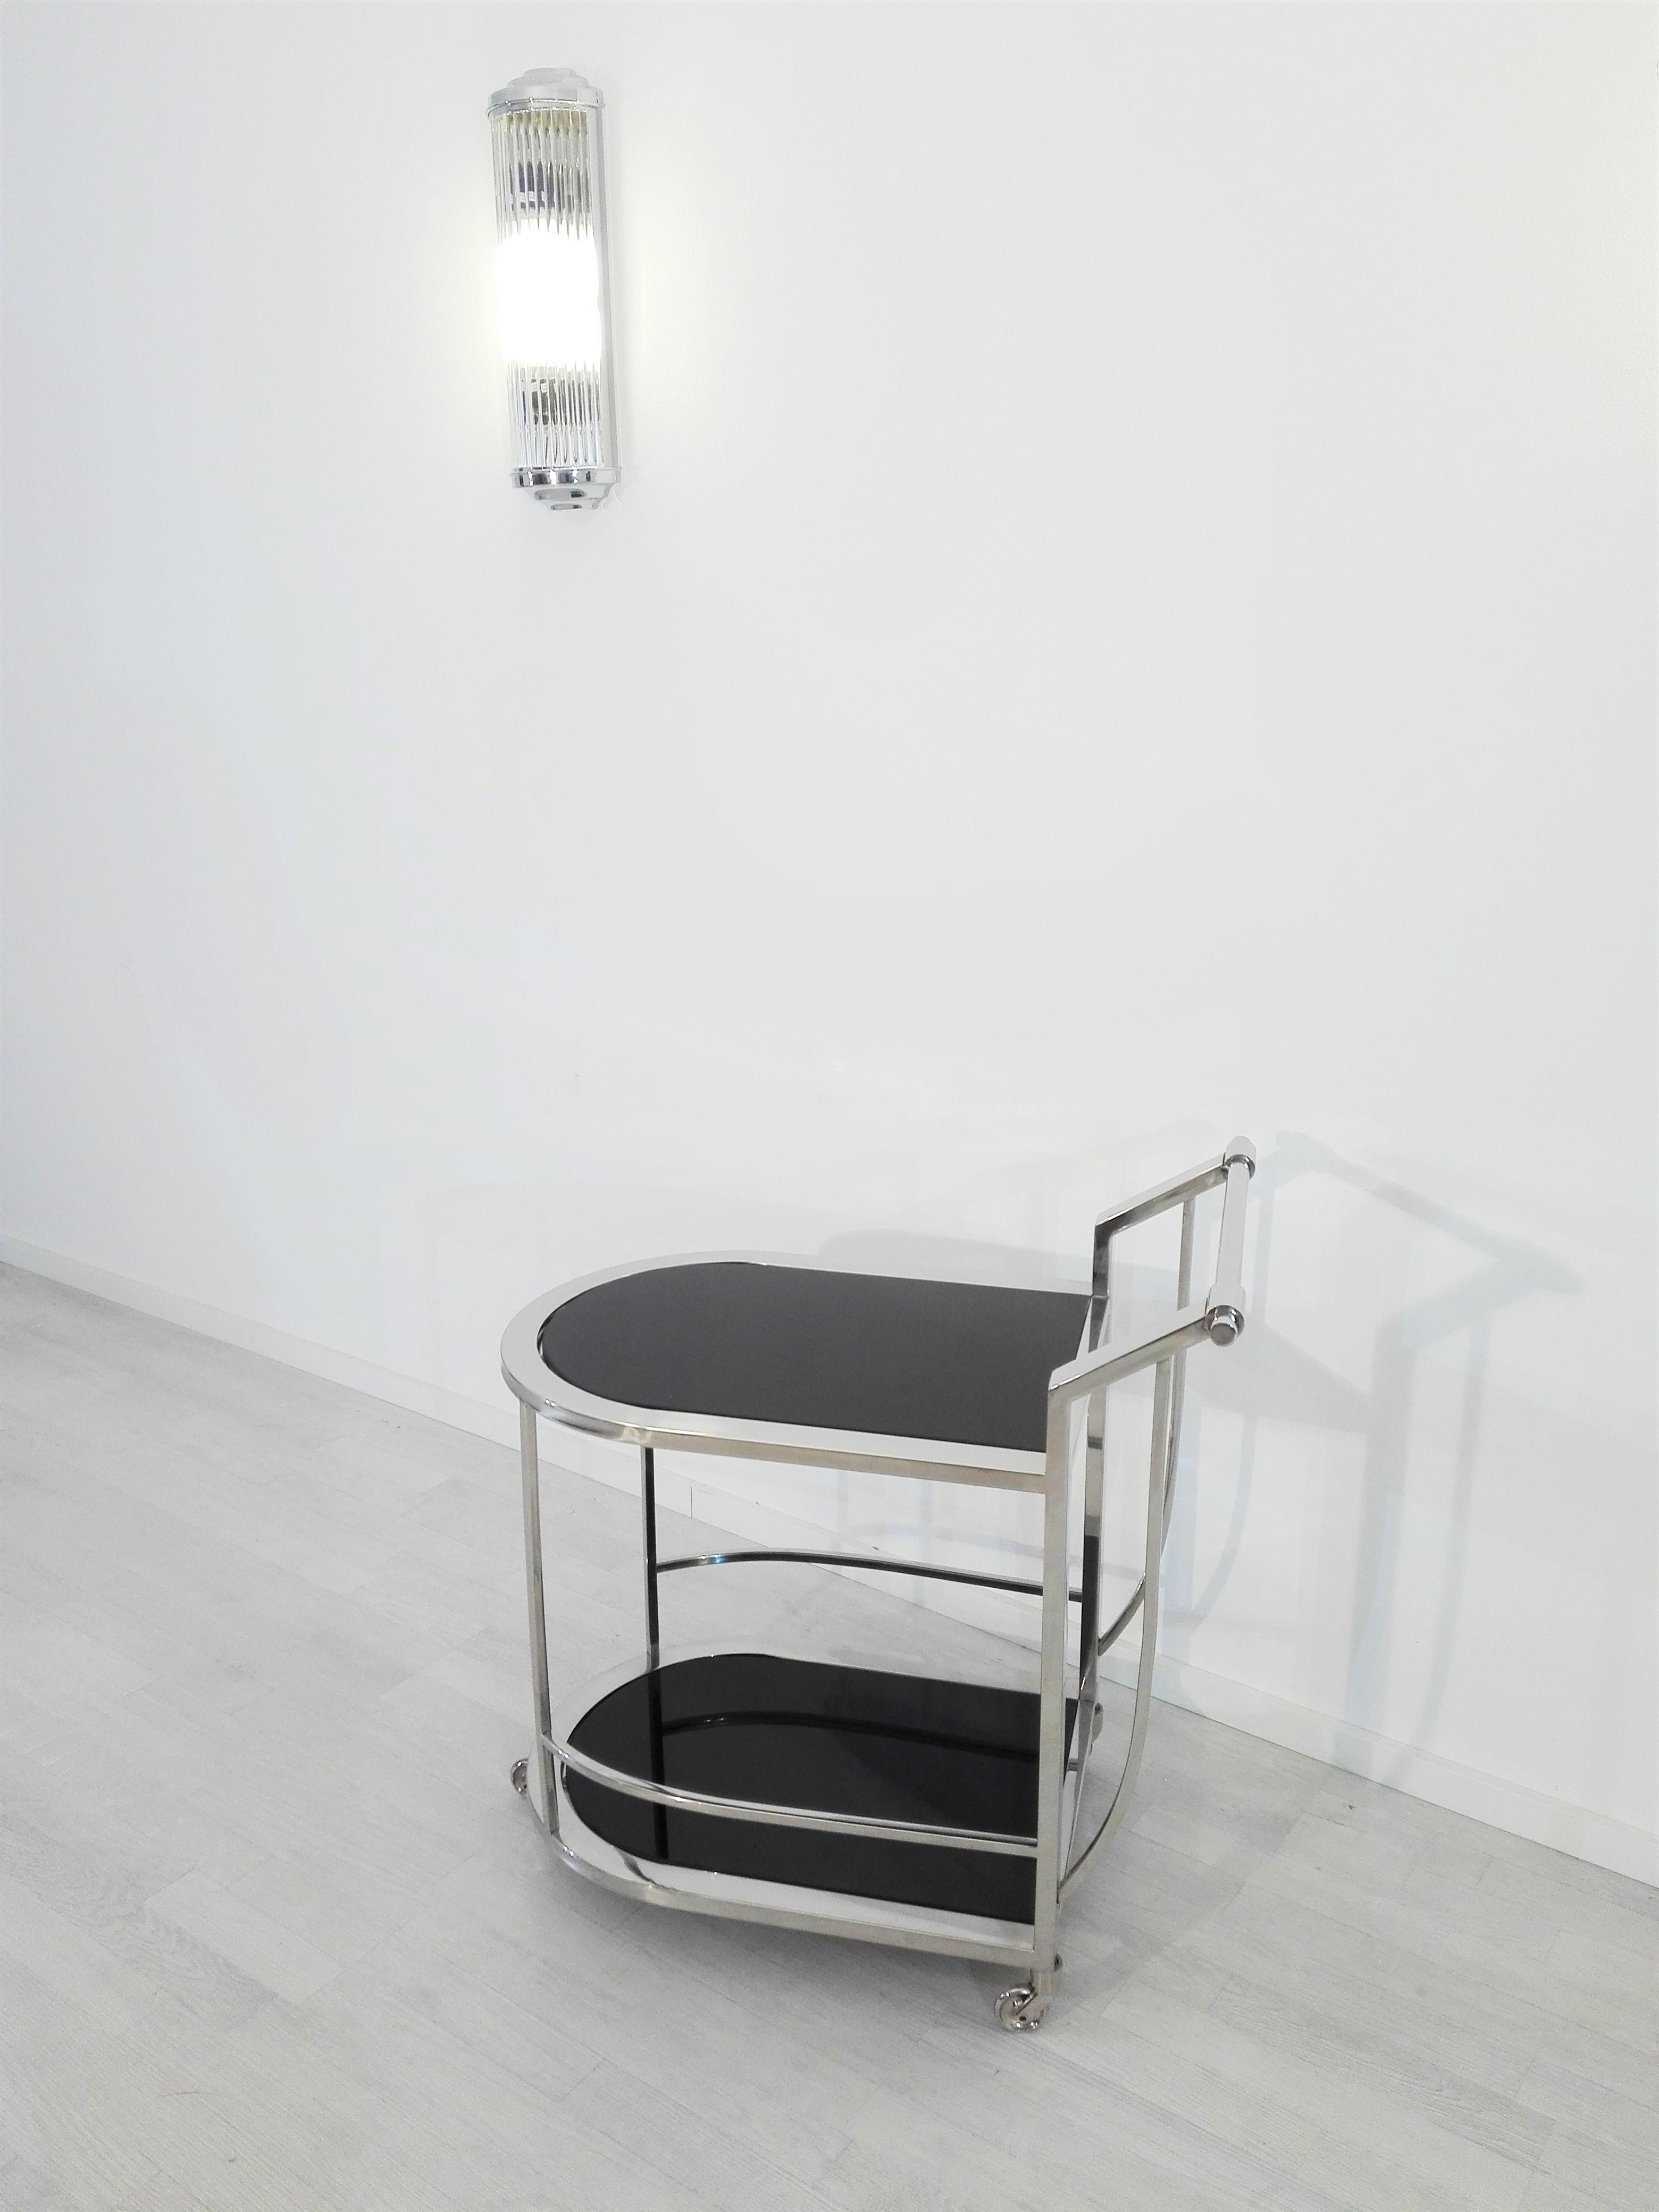 kleiner bauhaus servierwagen original antike m bel. Black Bedroom Furniture Sets. Home Design Ideas